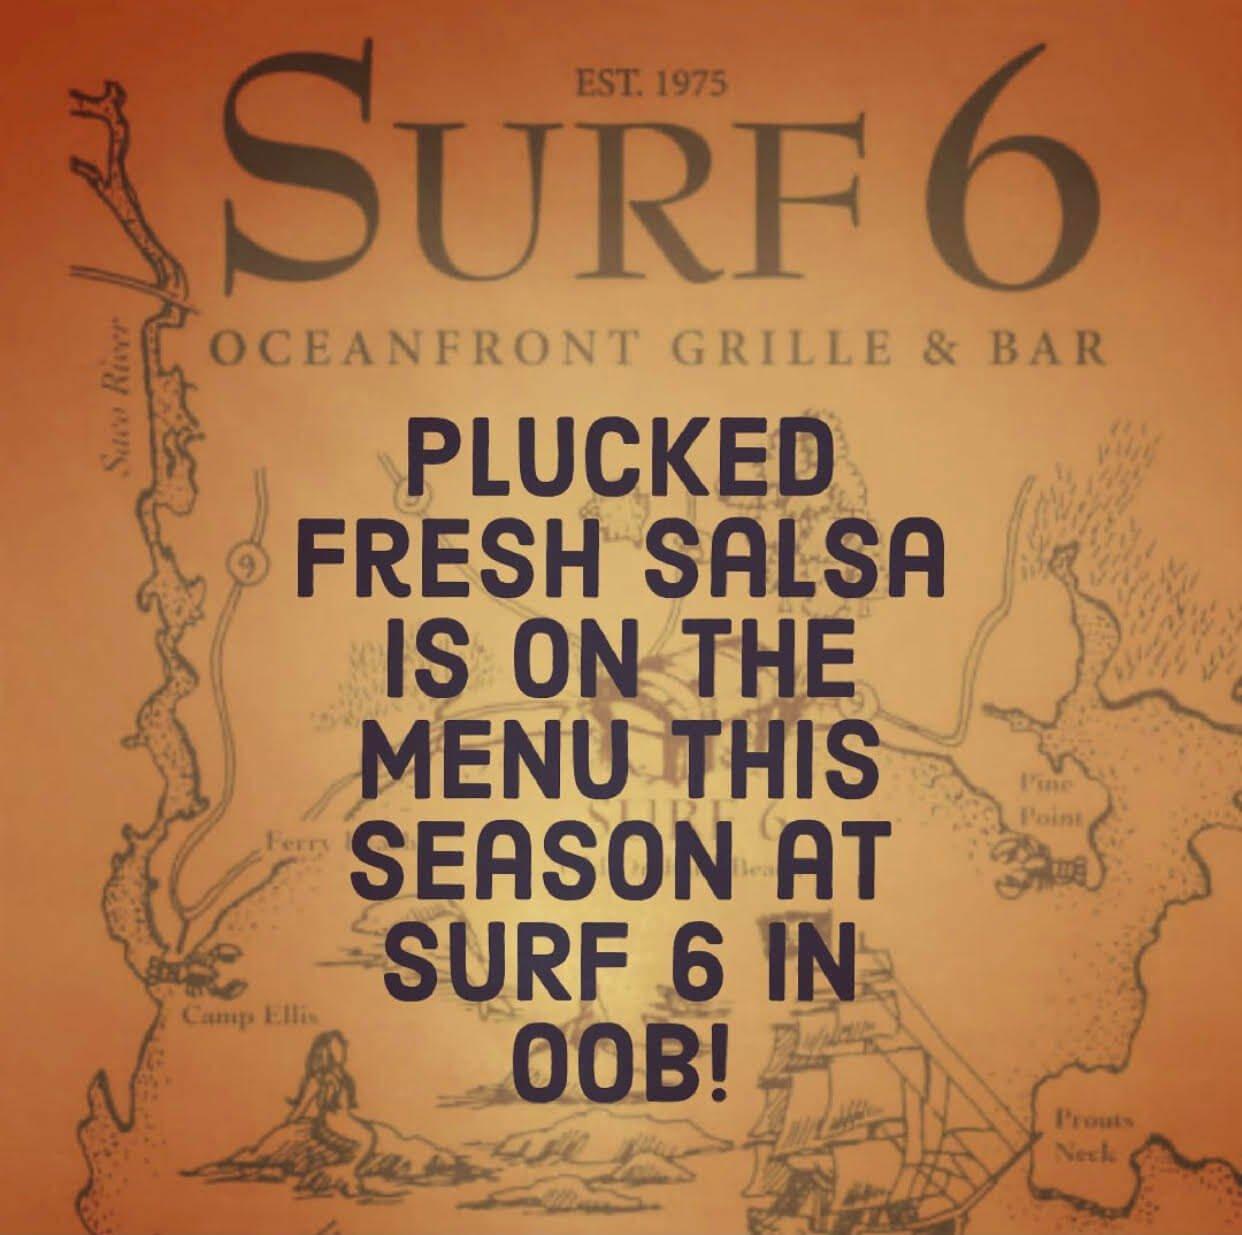 surf6-restaurant